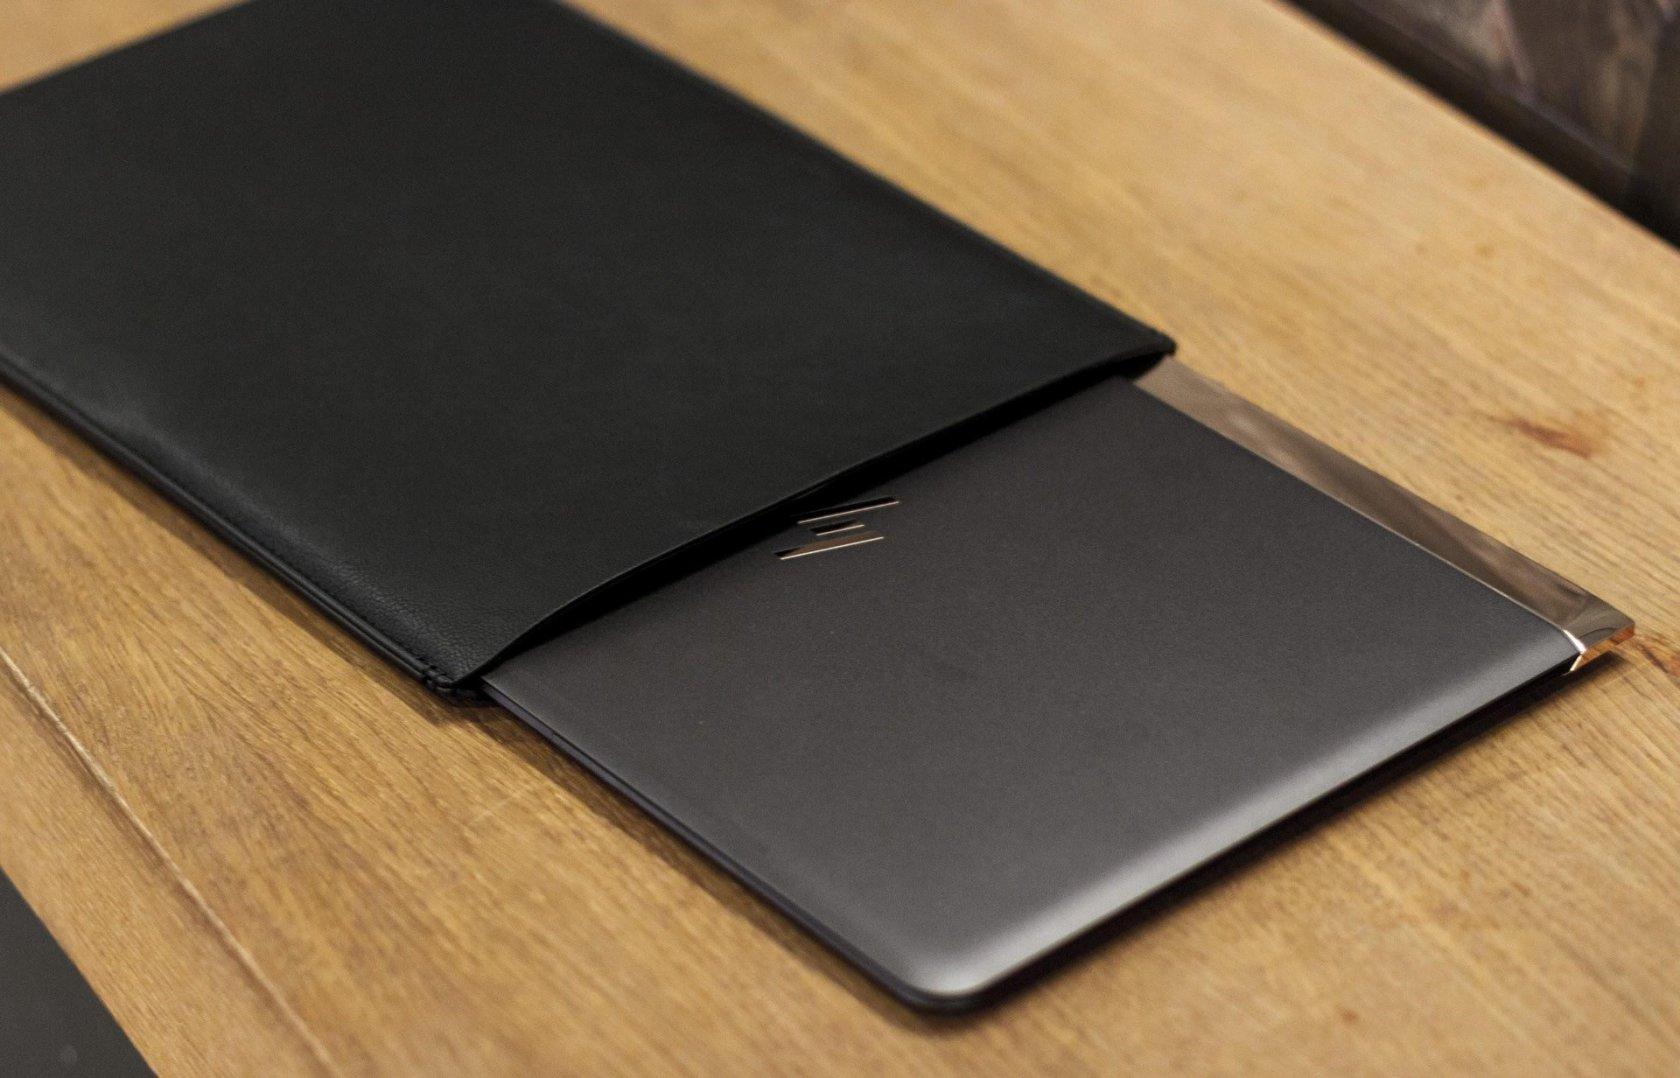 Технологии и дизайн в одном устройстве. Ноутбук HP Spectre 13